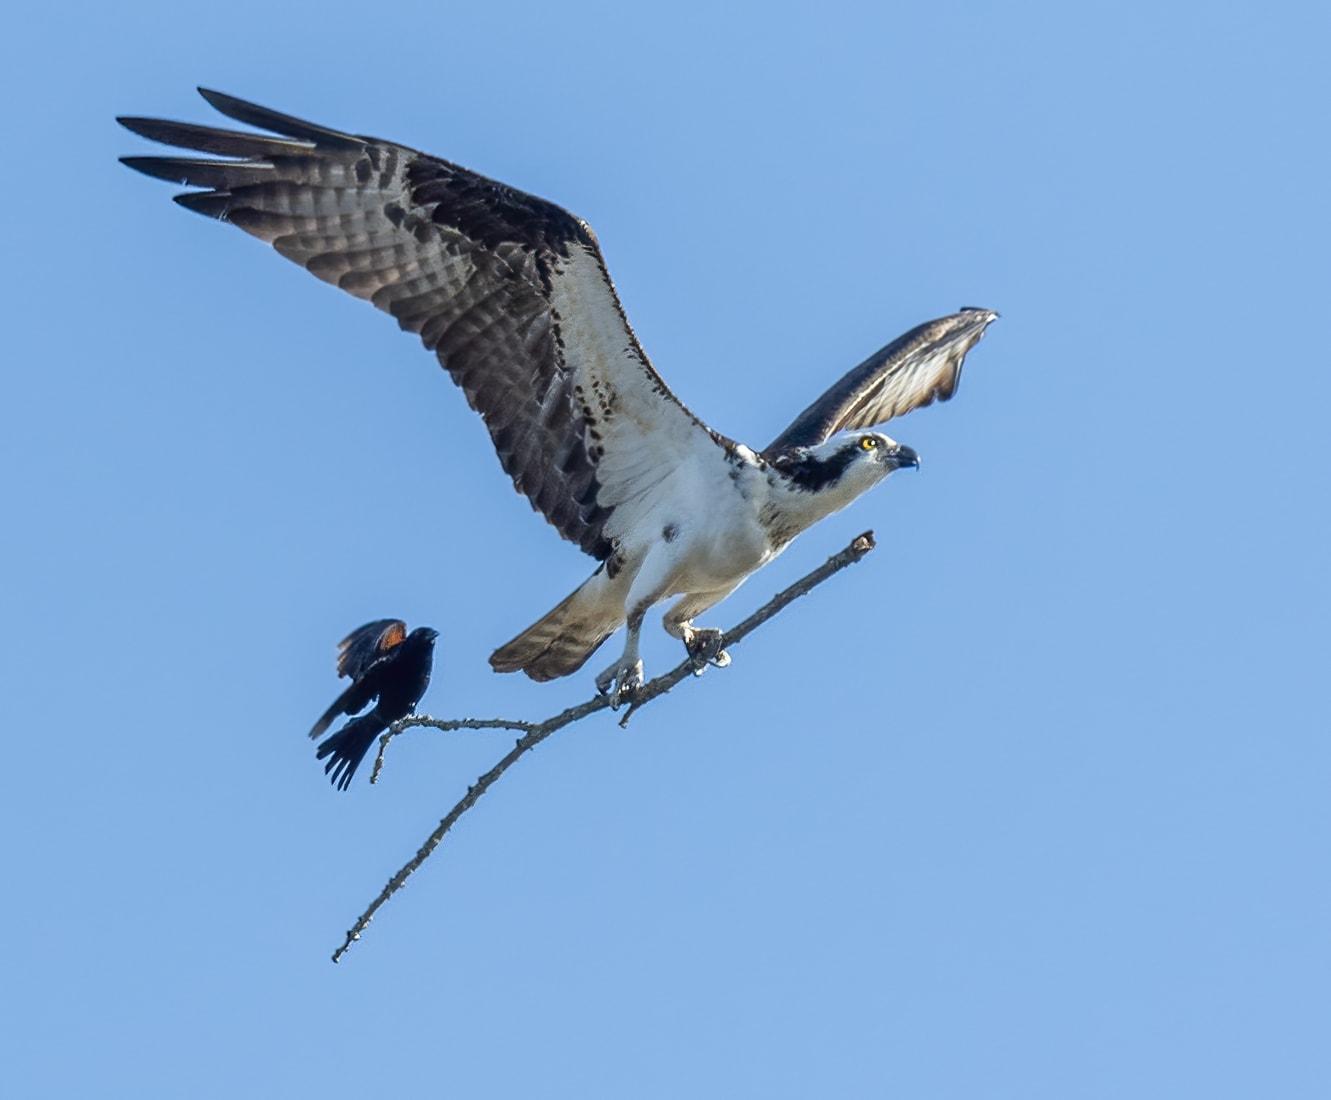 """مشهد نادر..طائر صغير يخطف جولة """"خلسة"""" على غصن يحمله طائر جارح"""